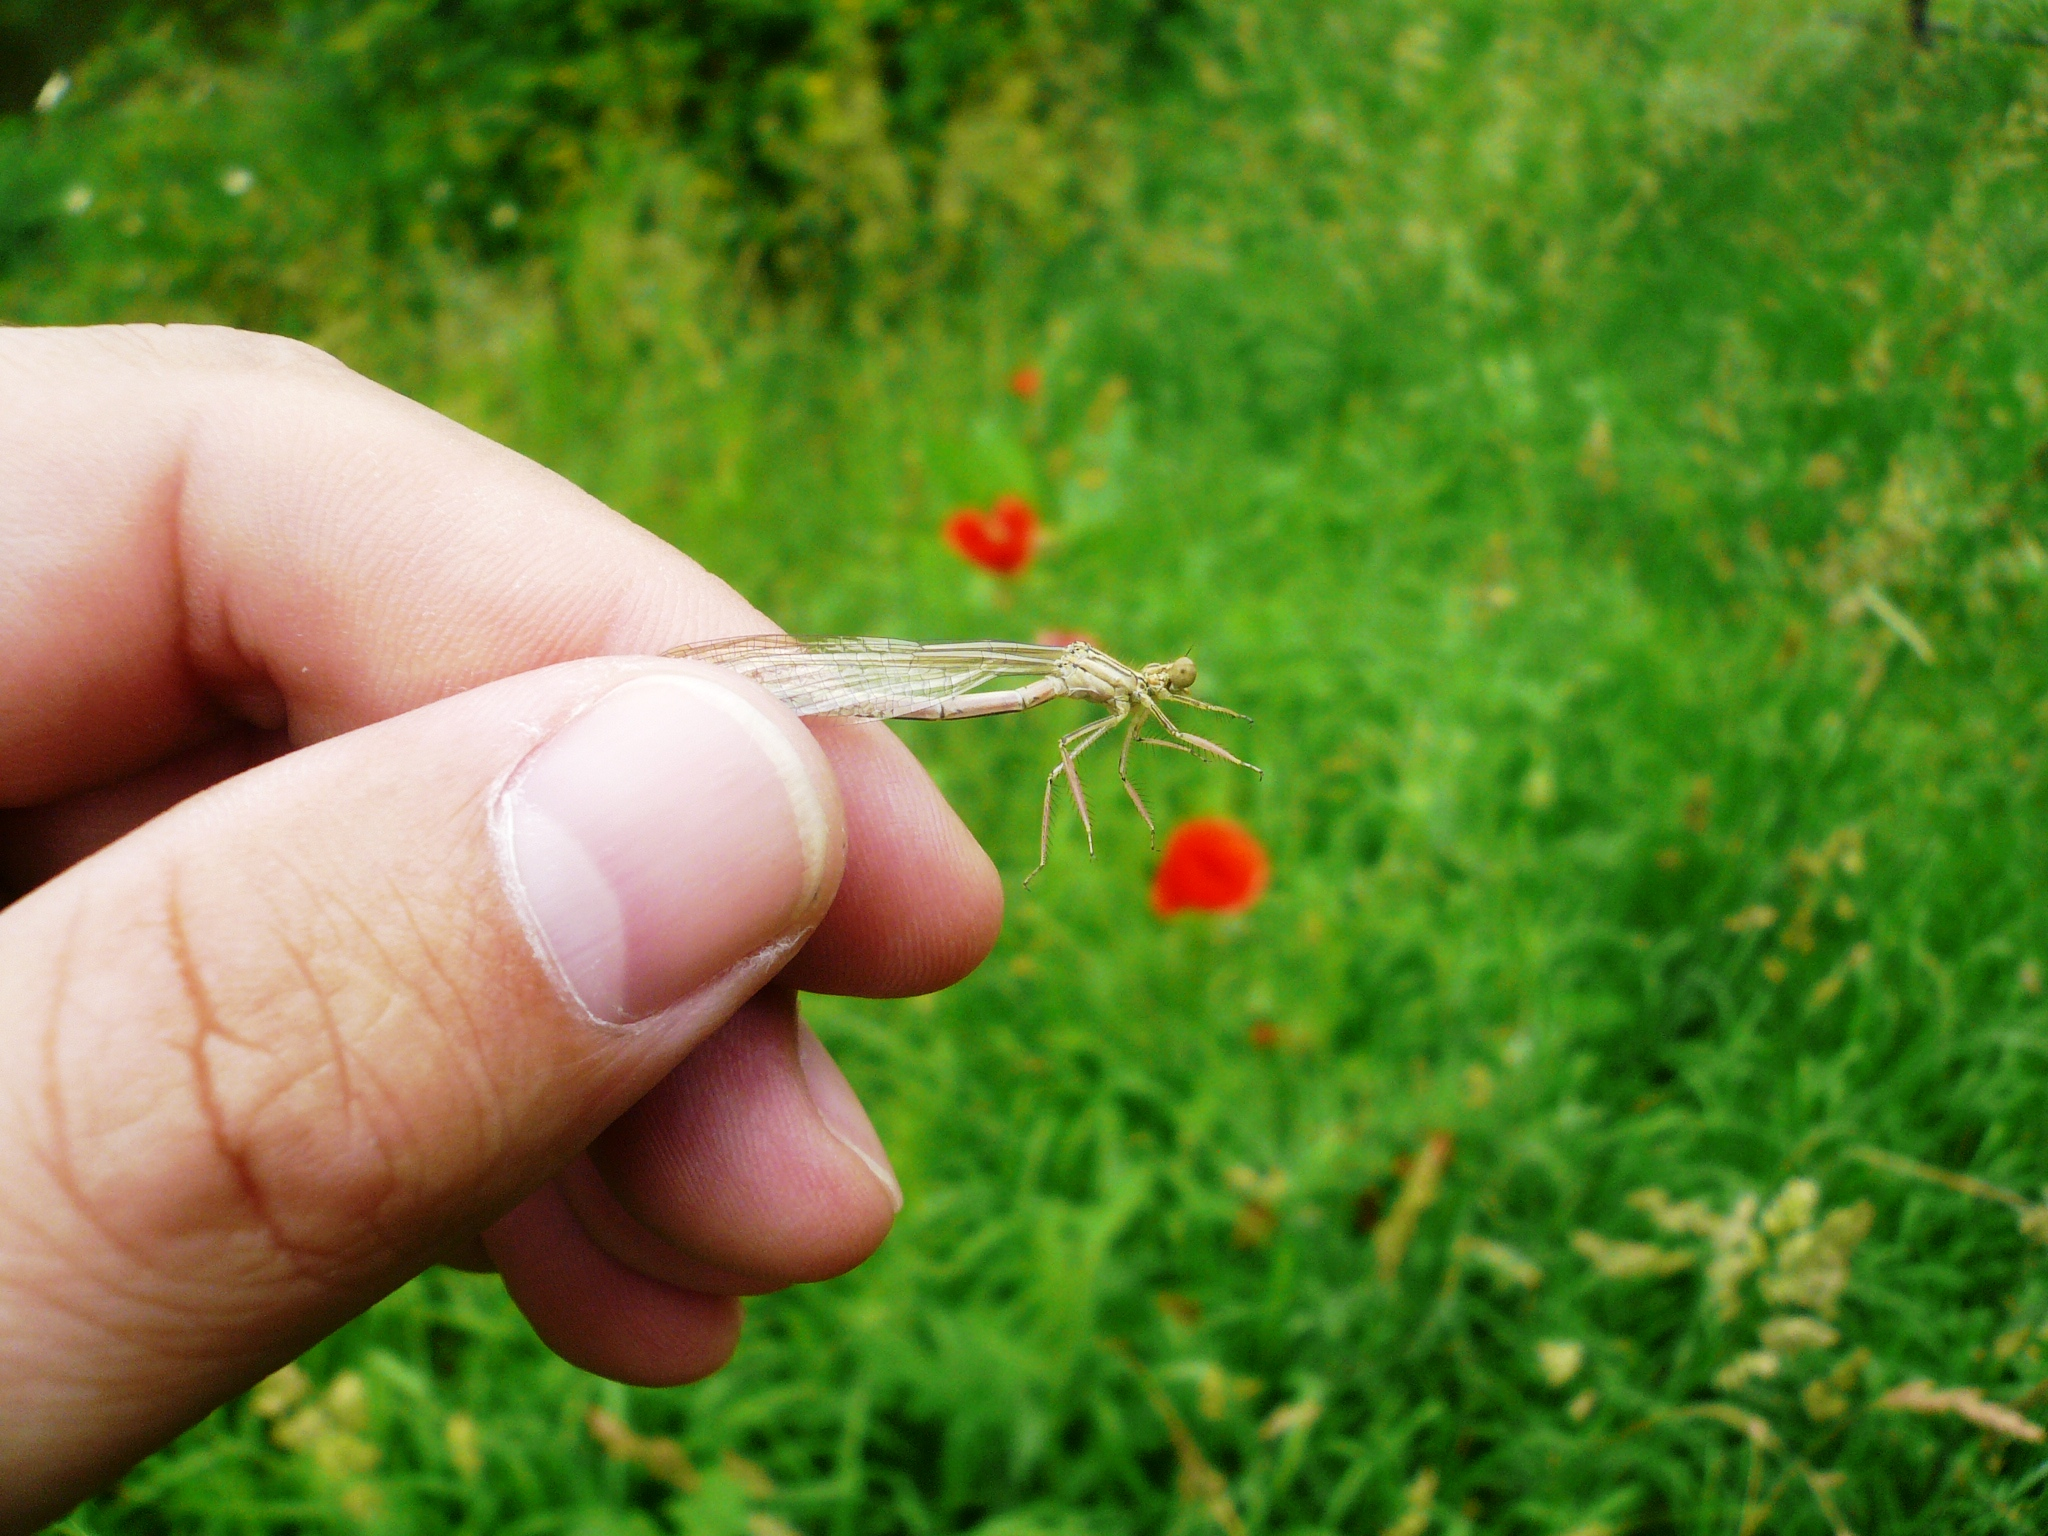 Vážka a lidská ruka